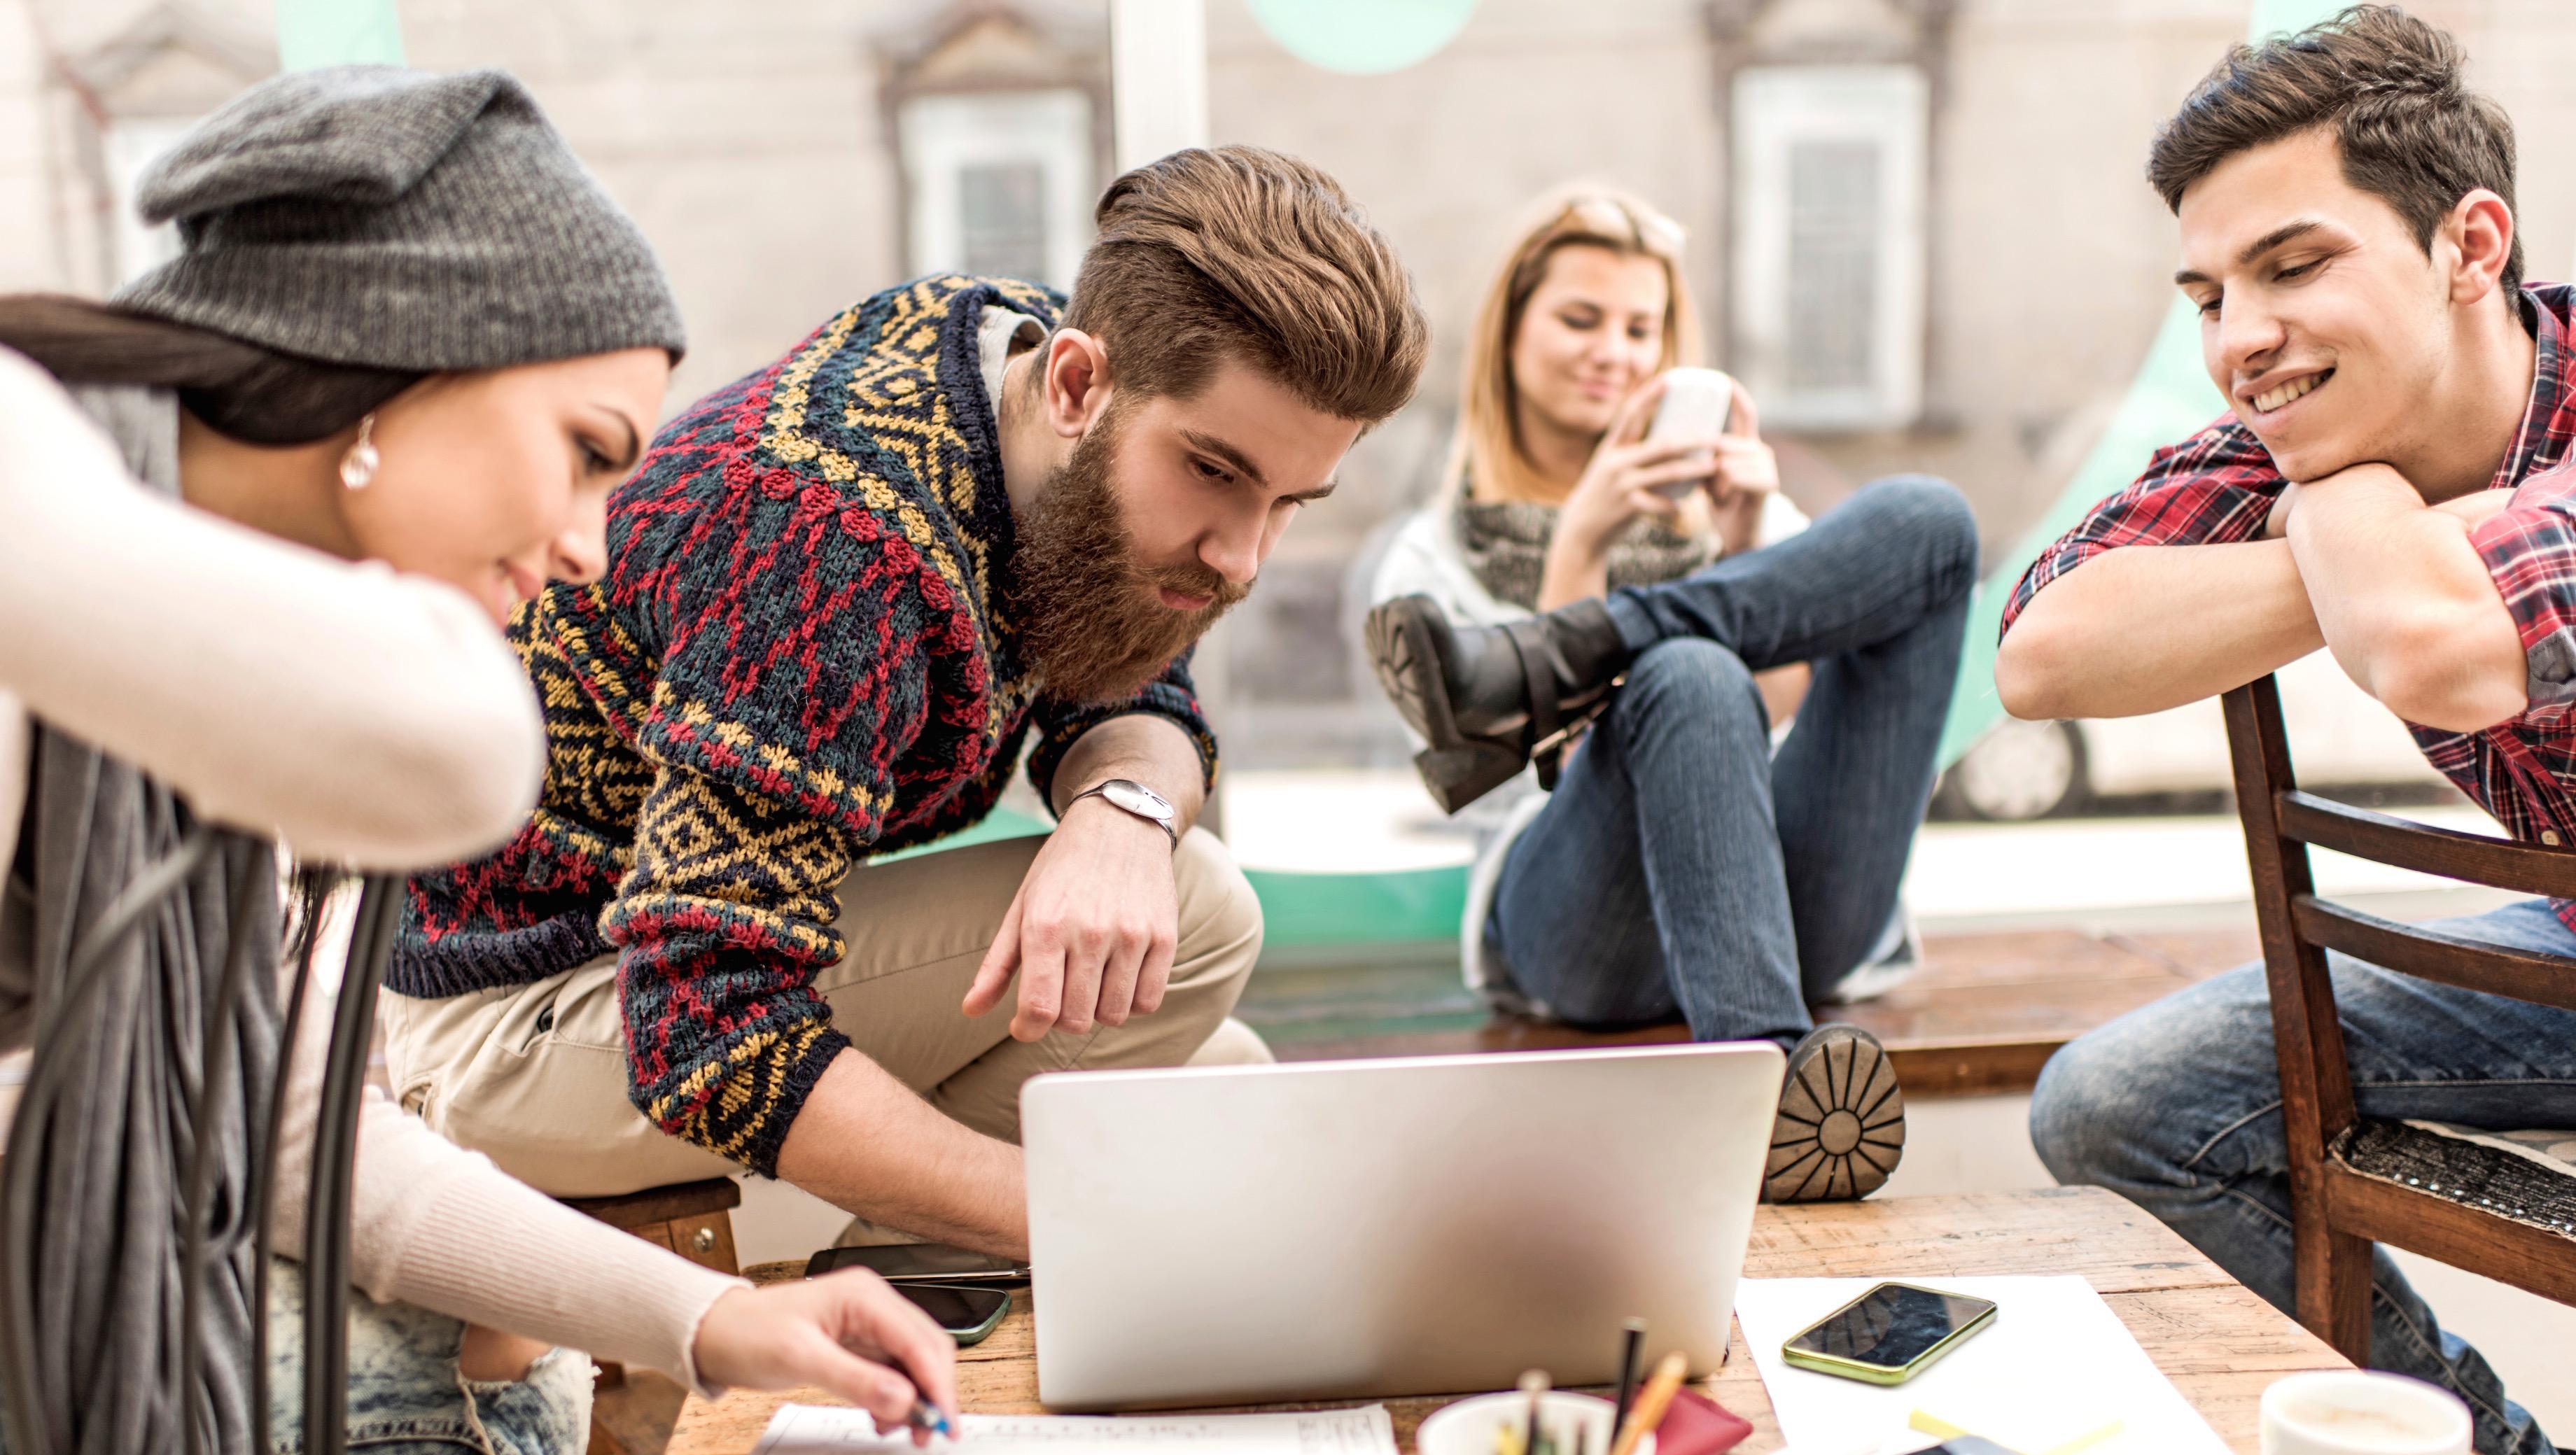 La mercadotecnia en tiempo de los Millennials - Featured Image